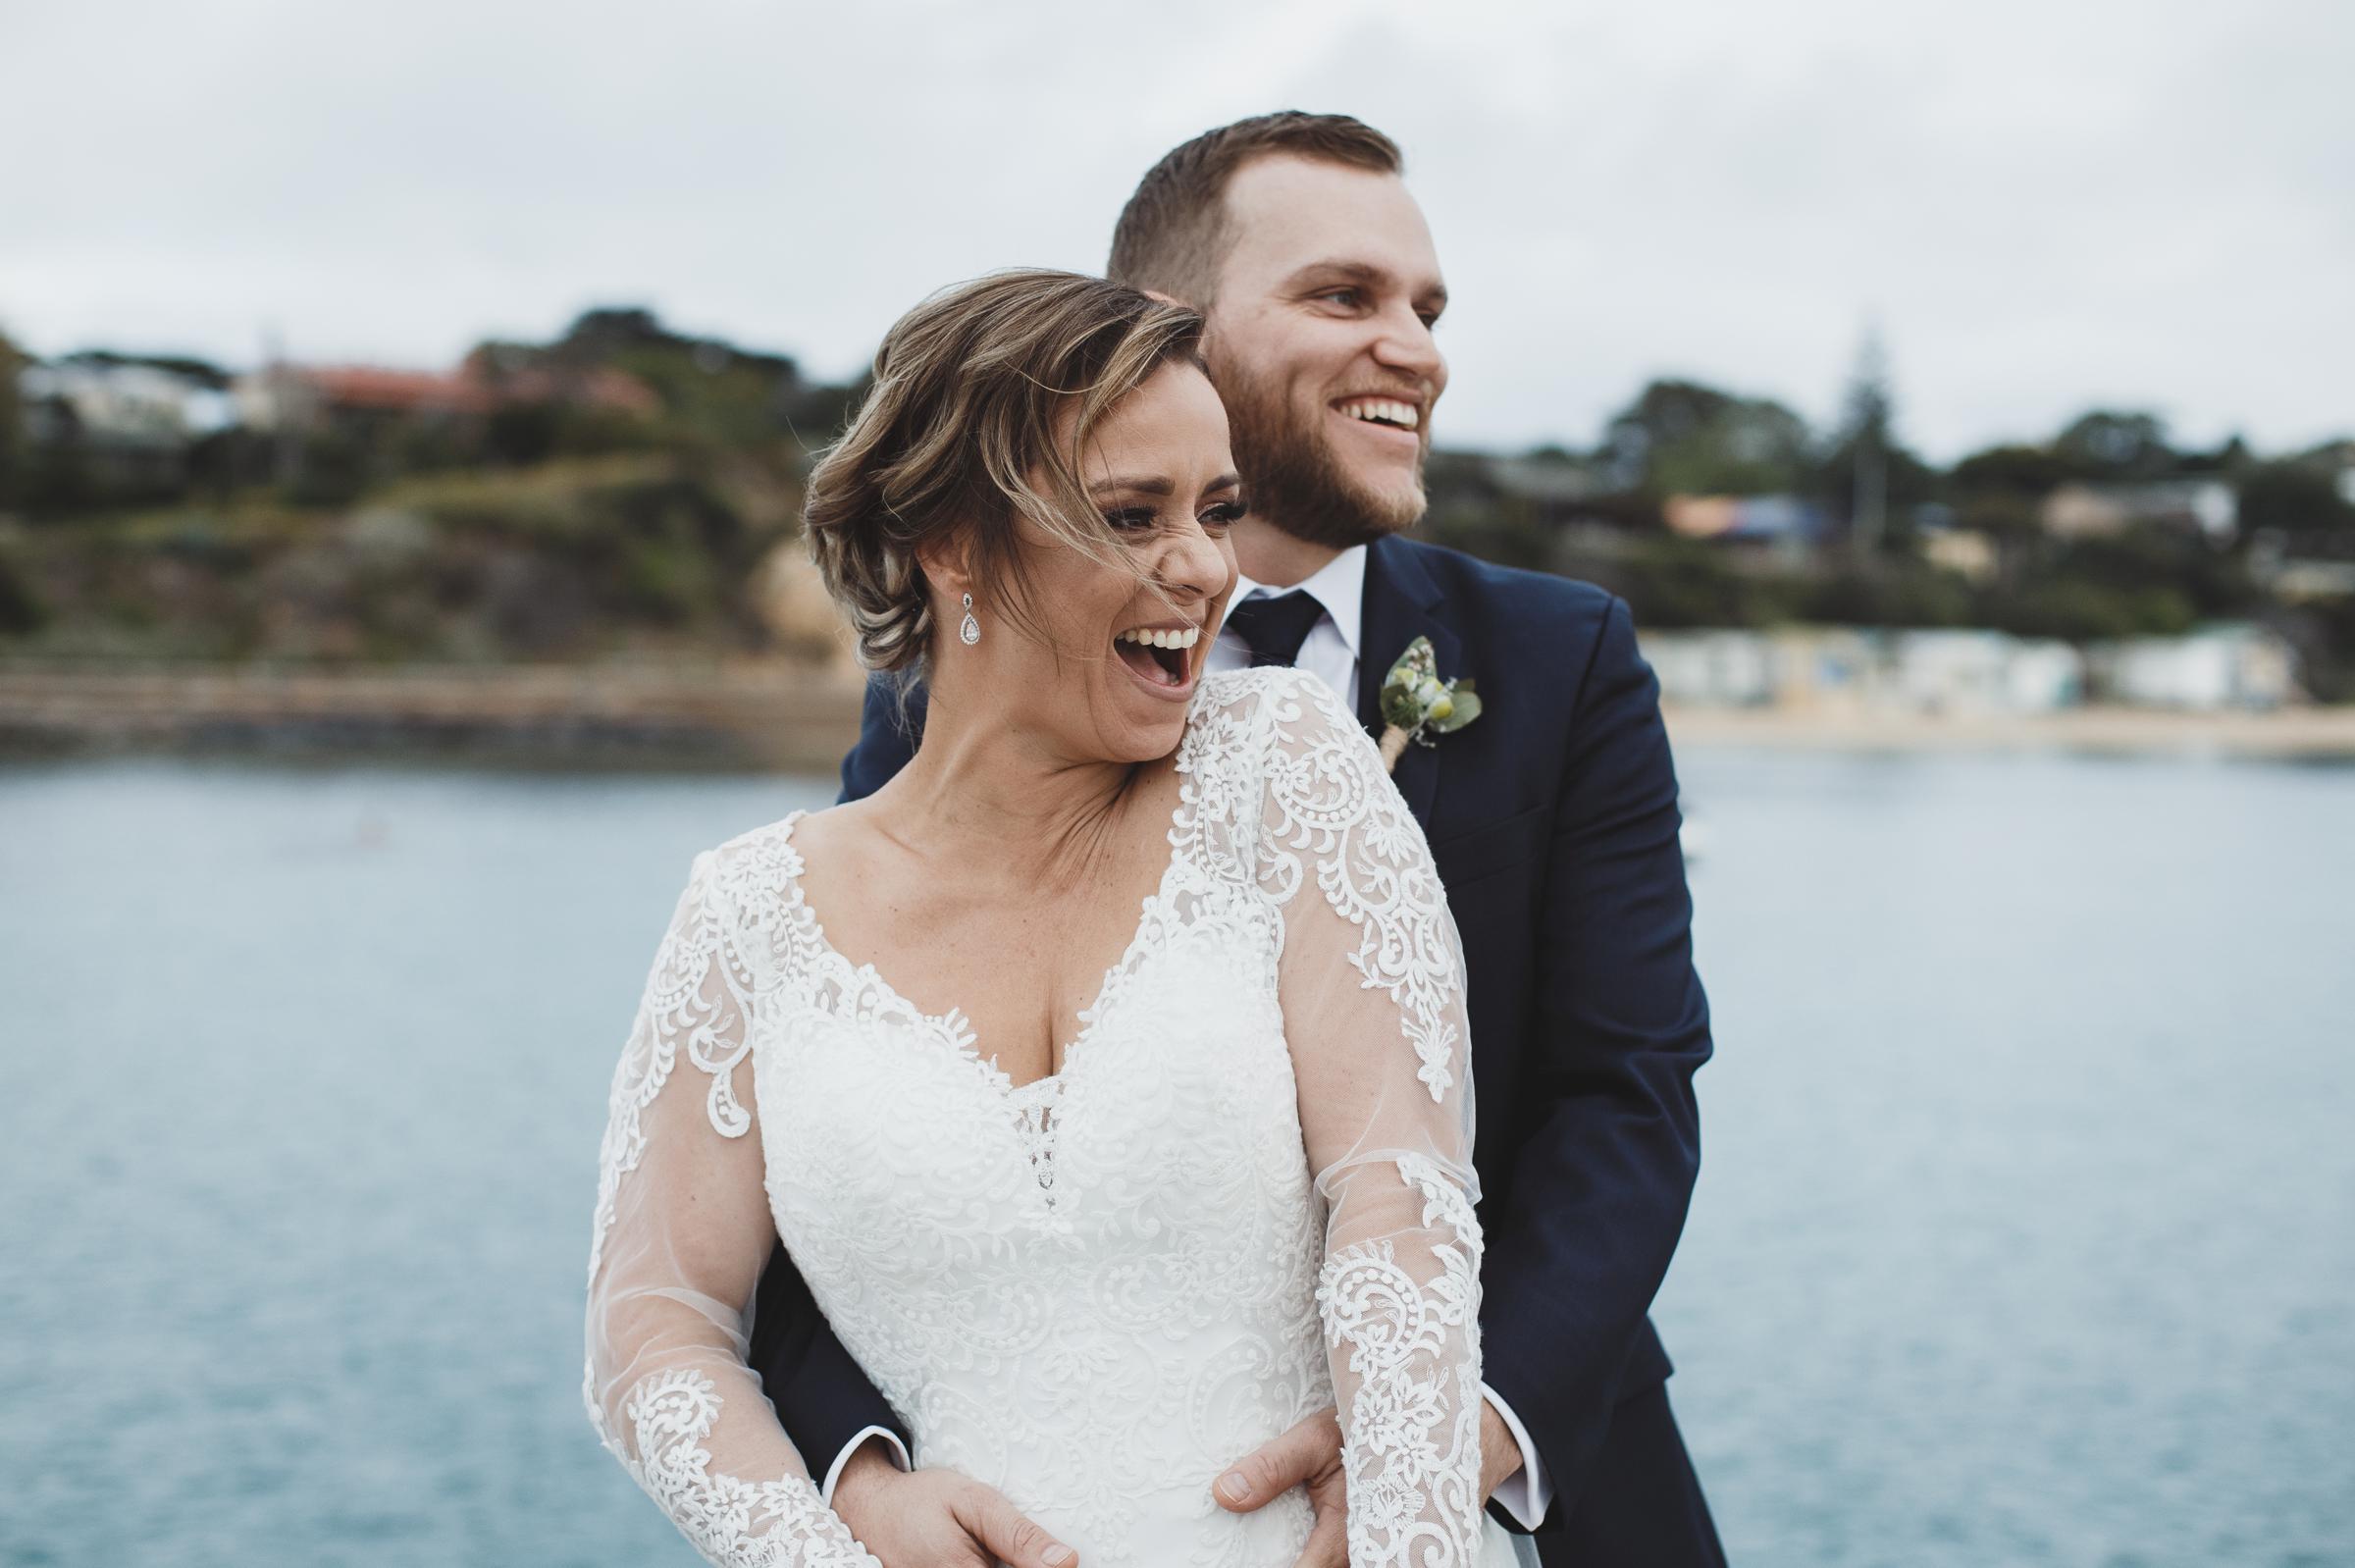 All Smiles Sorrento, Mornington Peninsula Wedding Photography, Videography by Danae Studios